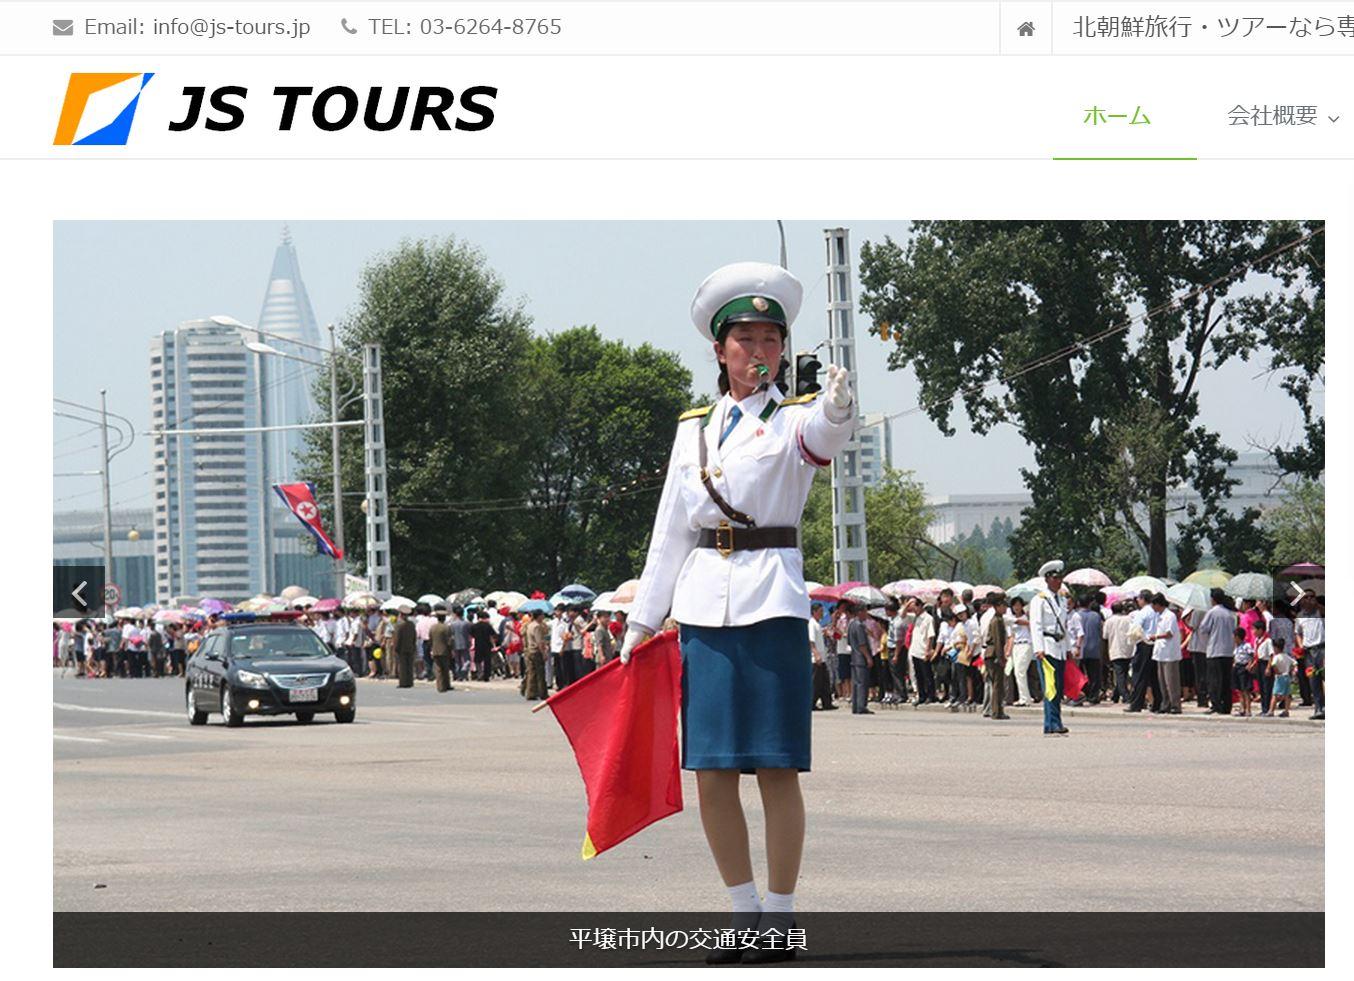 北朝鮮専門の旅行会社設立、現地手配や高麗航空の予約・発券などで ー韓国専門の三進トラベル【動画】